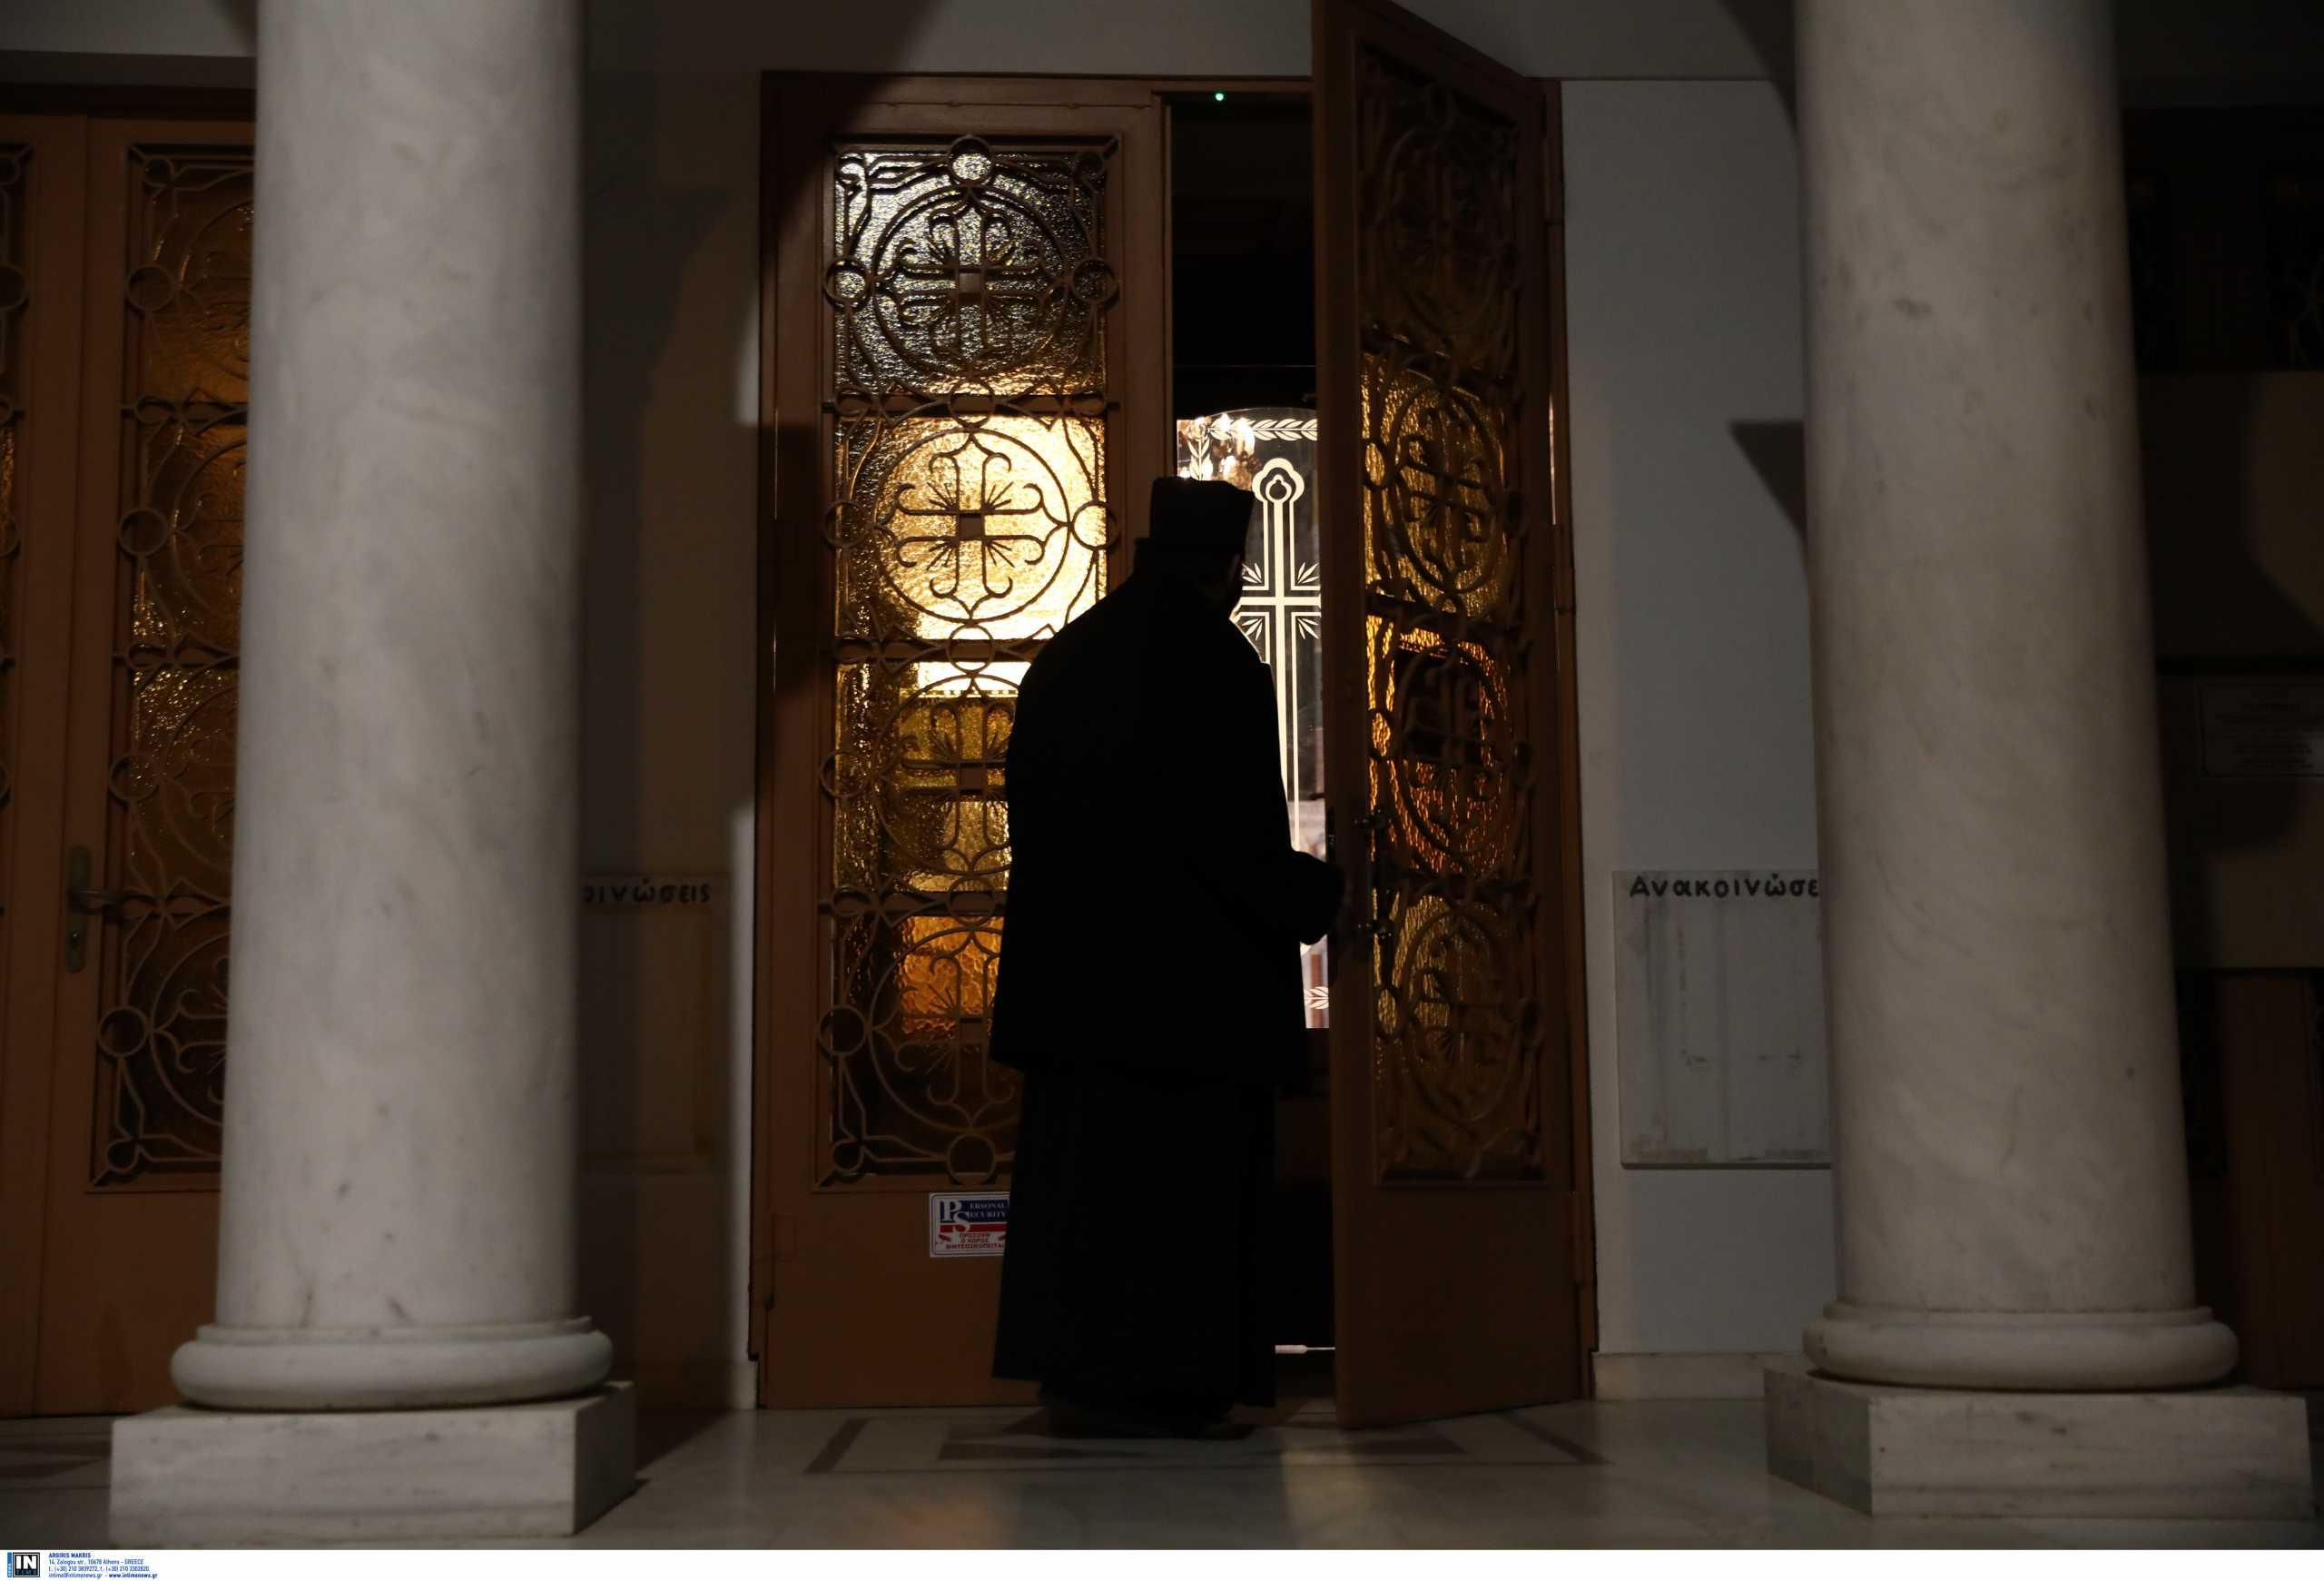 Θεσσαλονίκη: Ιερέας αρνητής του κορονοϊού απομακρύνεται από την ενορία του